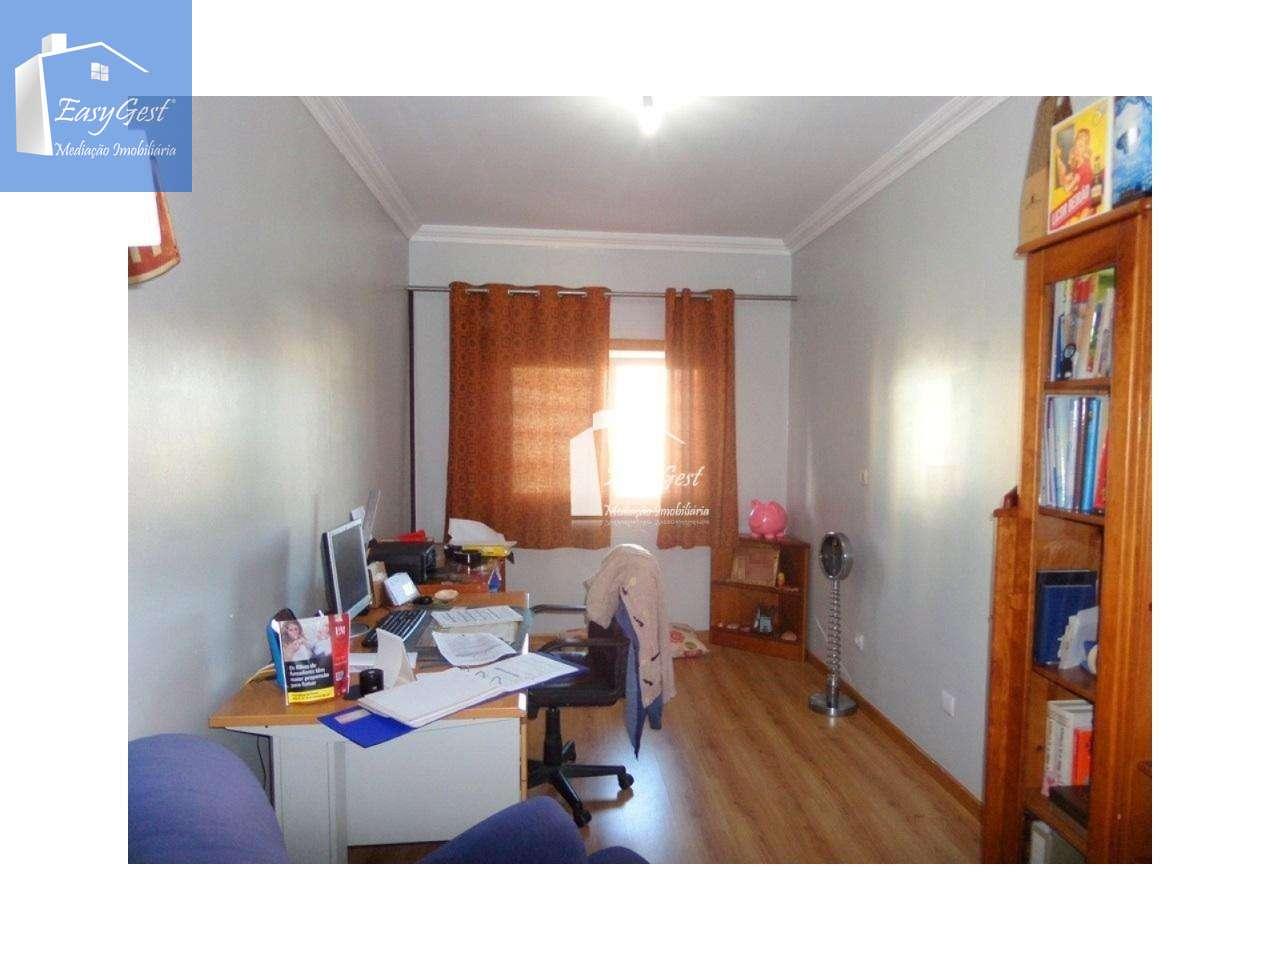 Apartamento para comprar, Caldas da Rainha - Santo Onofre e Serra do Bouro, Caldas da Rainha, Leiria - Foto 9